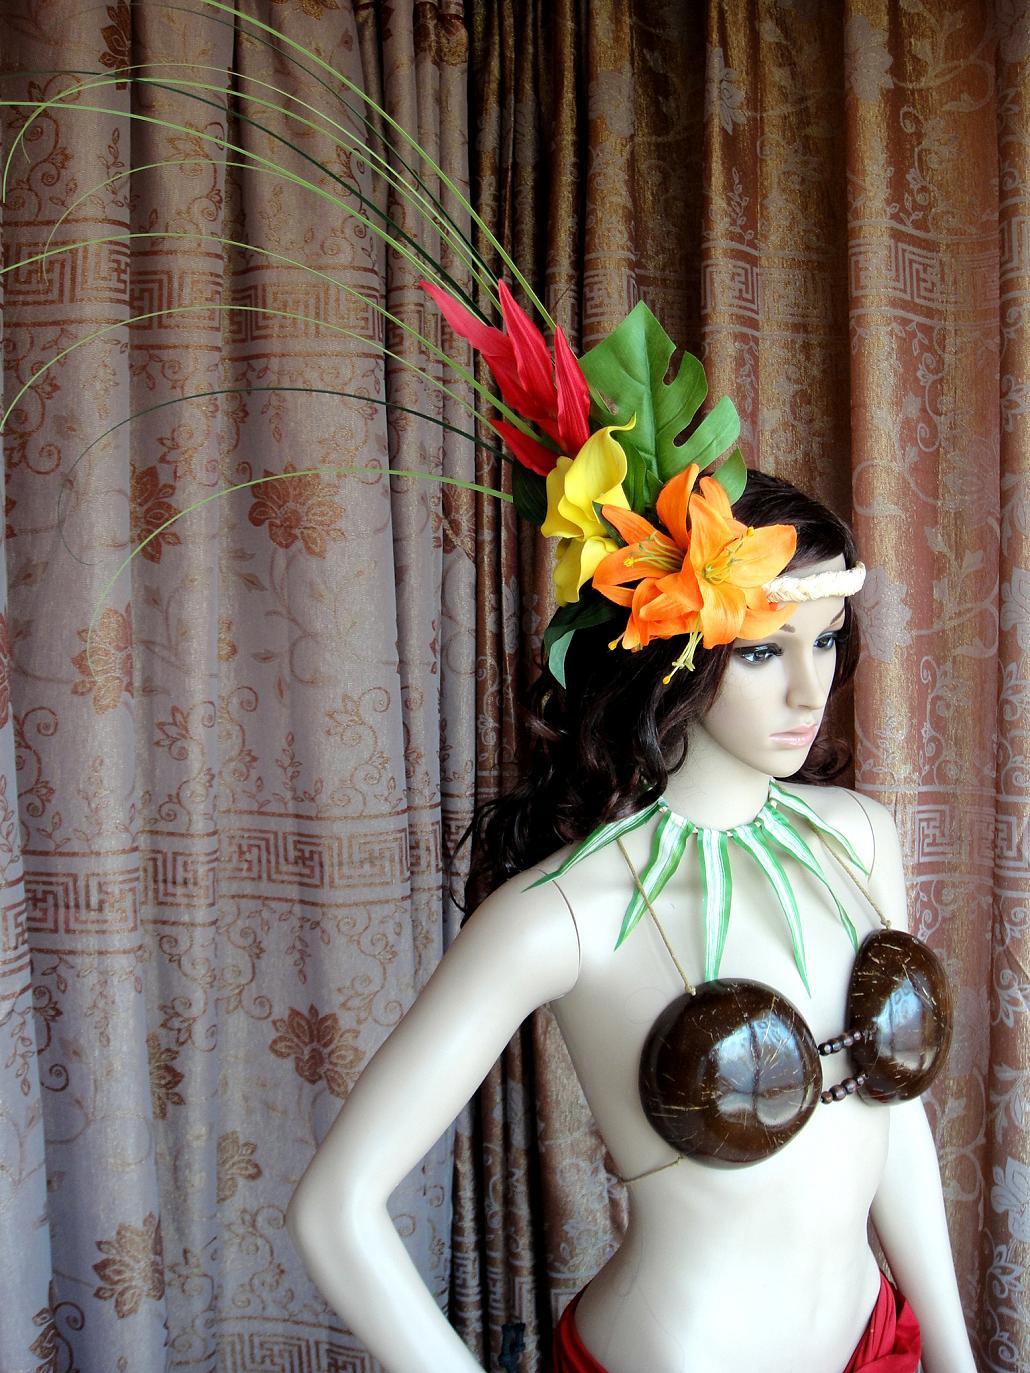 Гавайи юбки танец аксессуары для волос большой ручей земля юбки танец производительность на основе головной убор Tahiti headdress